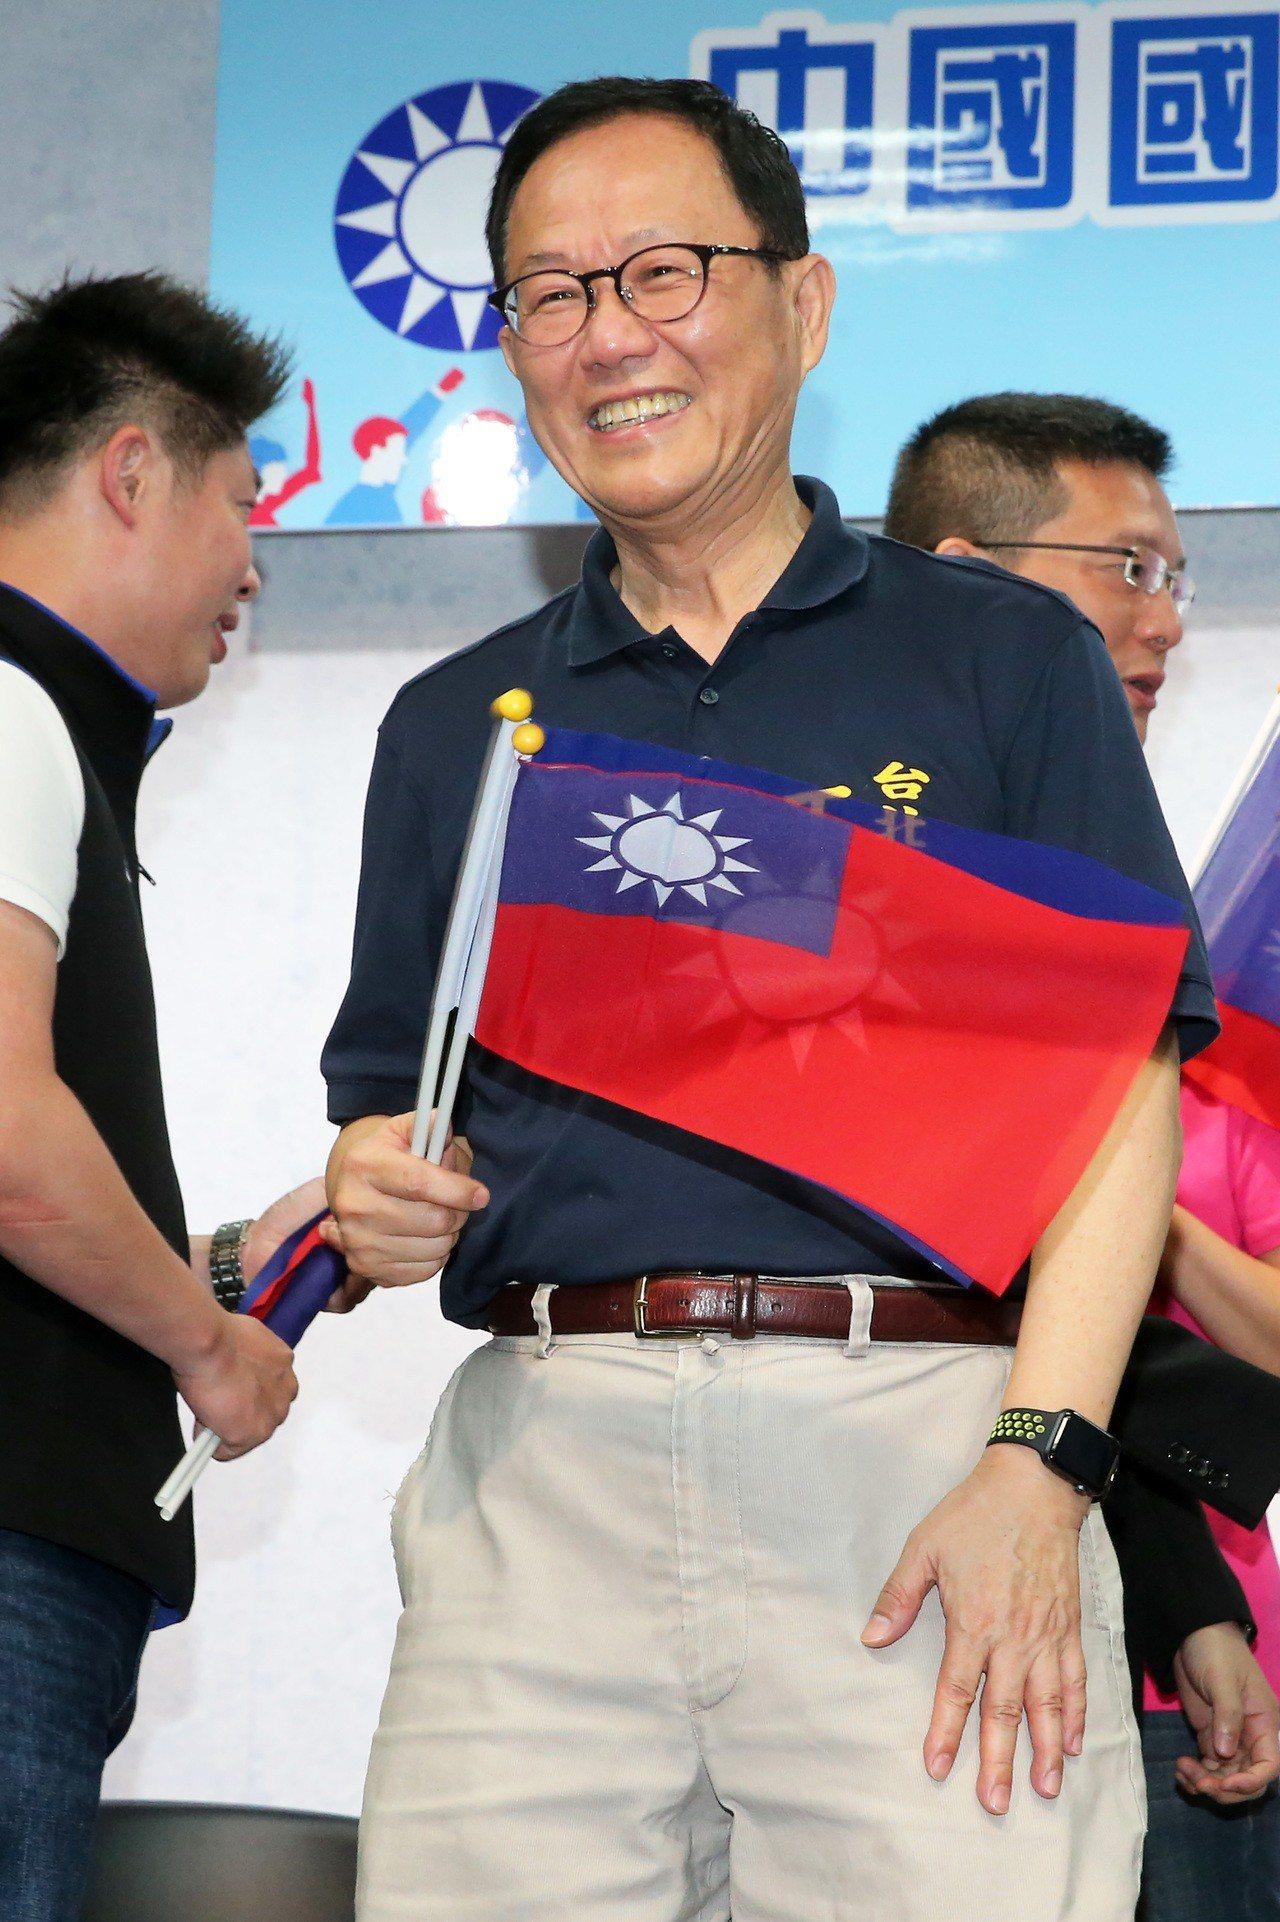 國民黨台北市長候選人初選民調結果上午出爐,結果由前立委丁守中勝出,他表示,除了泛...